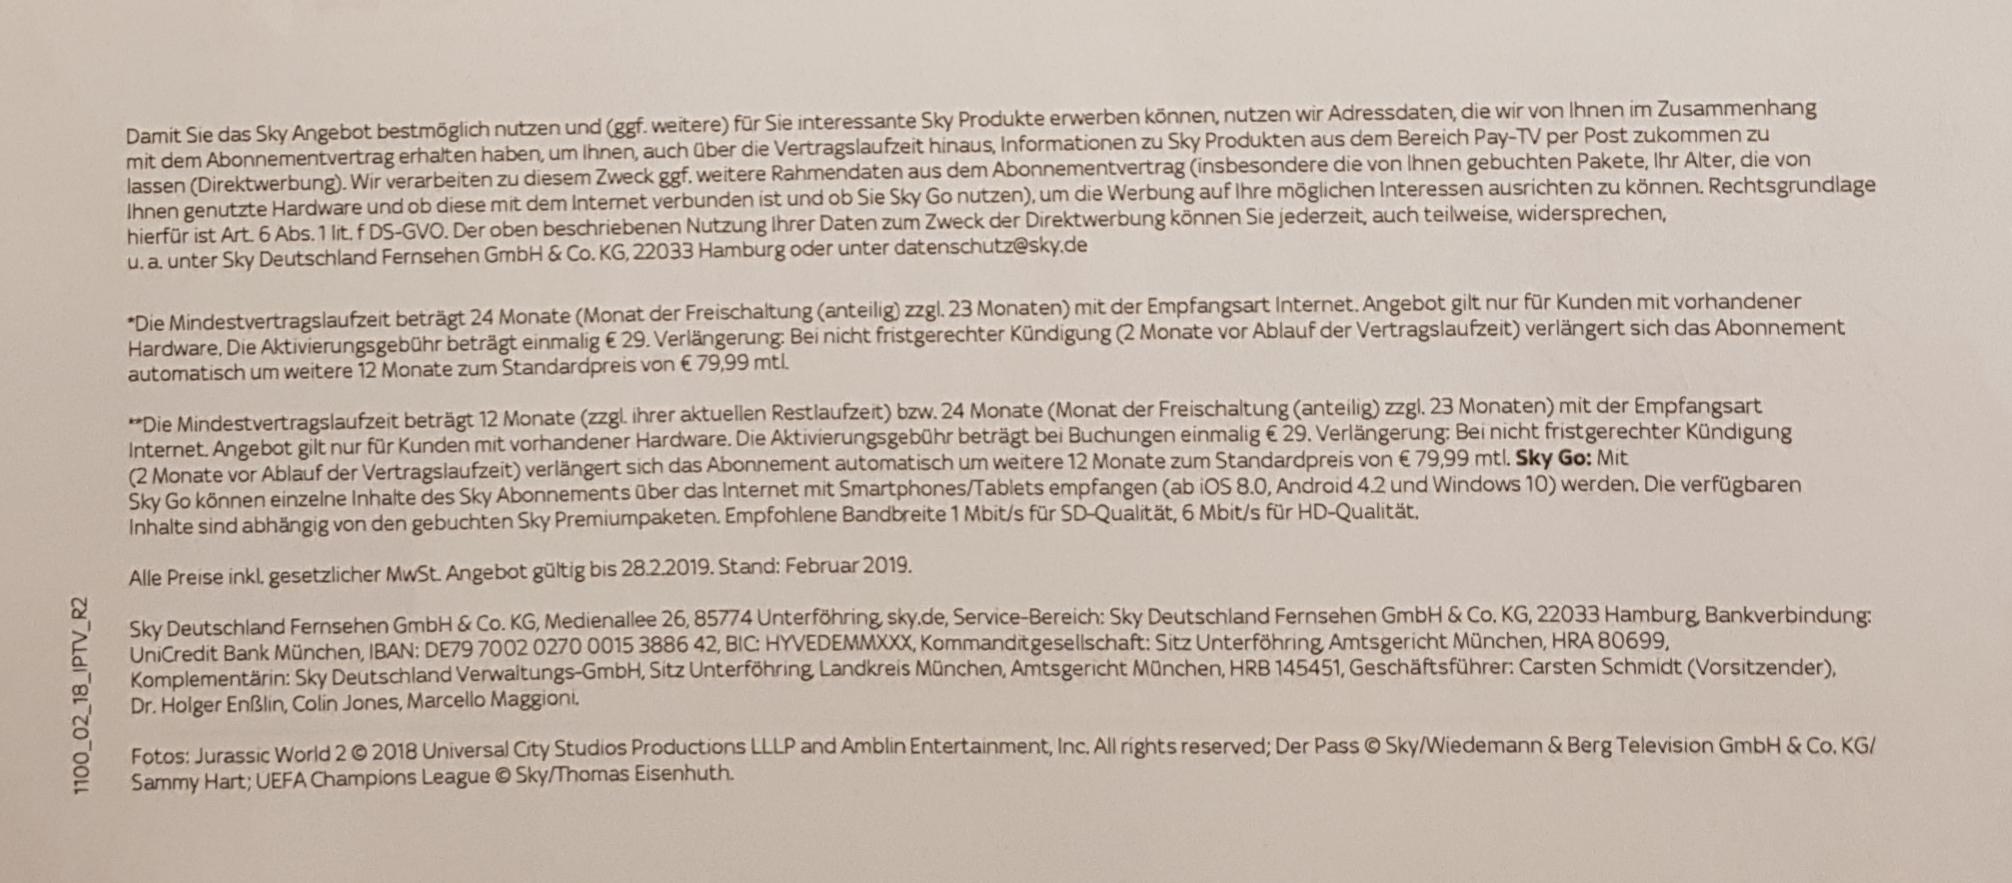 Sky Deutschland Fernsehen Gmbh & Co Kg 22033 Hamburg